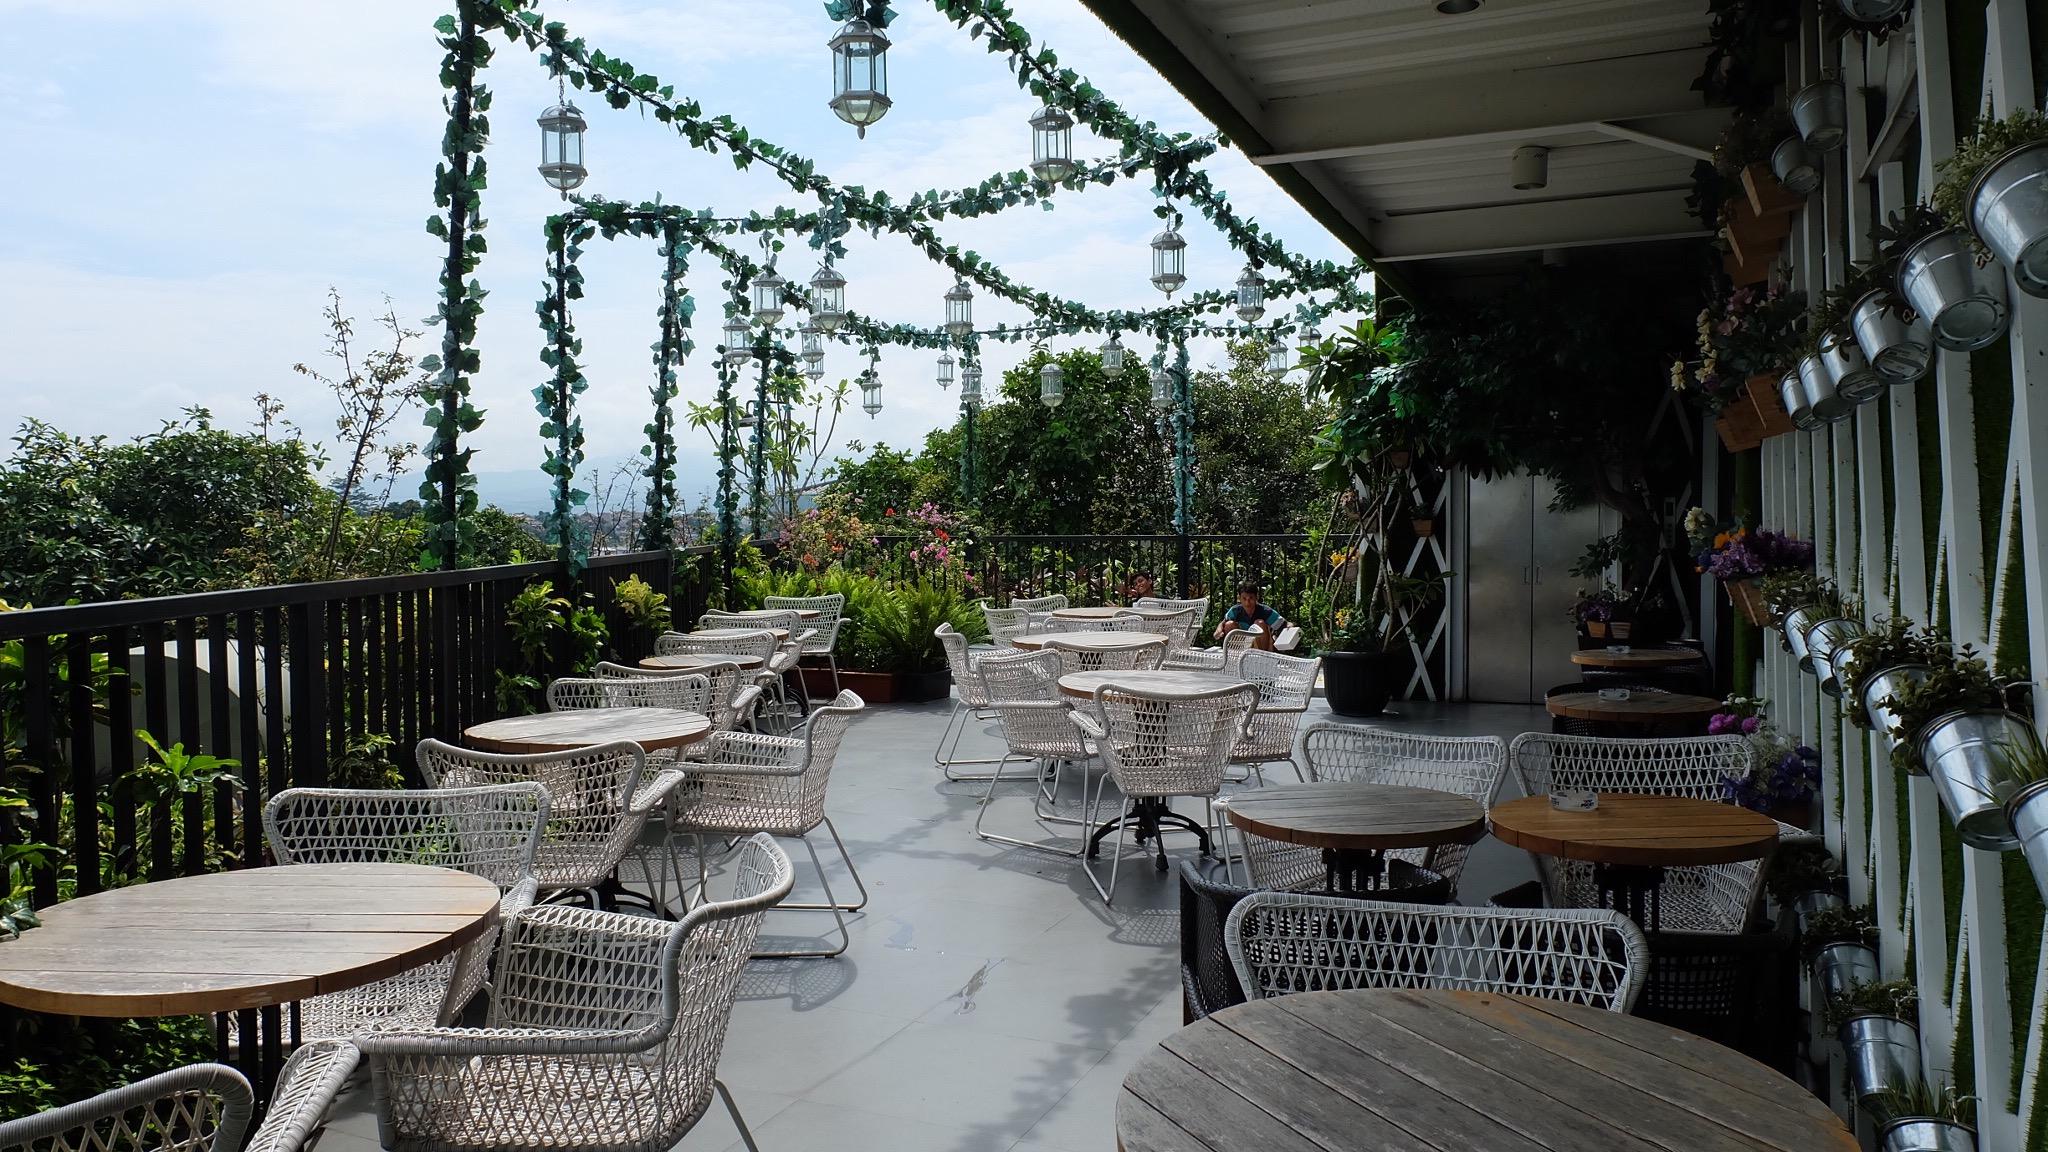 Royale Bakery And Cafe - 10 Restoran Romantis untuk Dinner di Bogor, Ajak Pasanganmu ke Sini